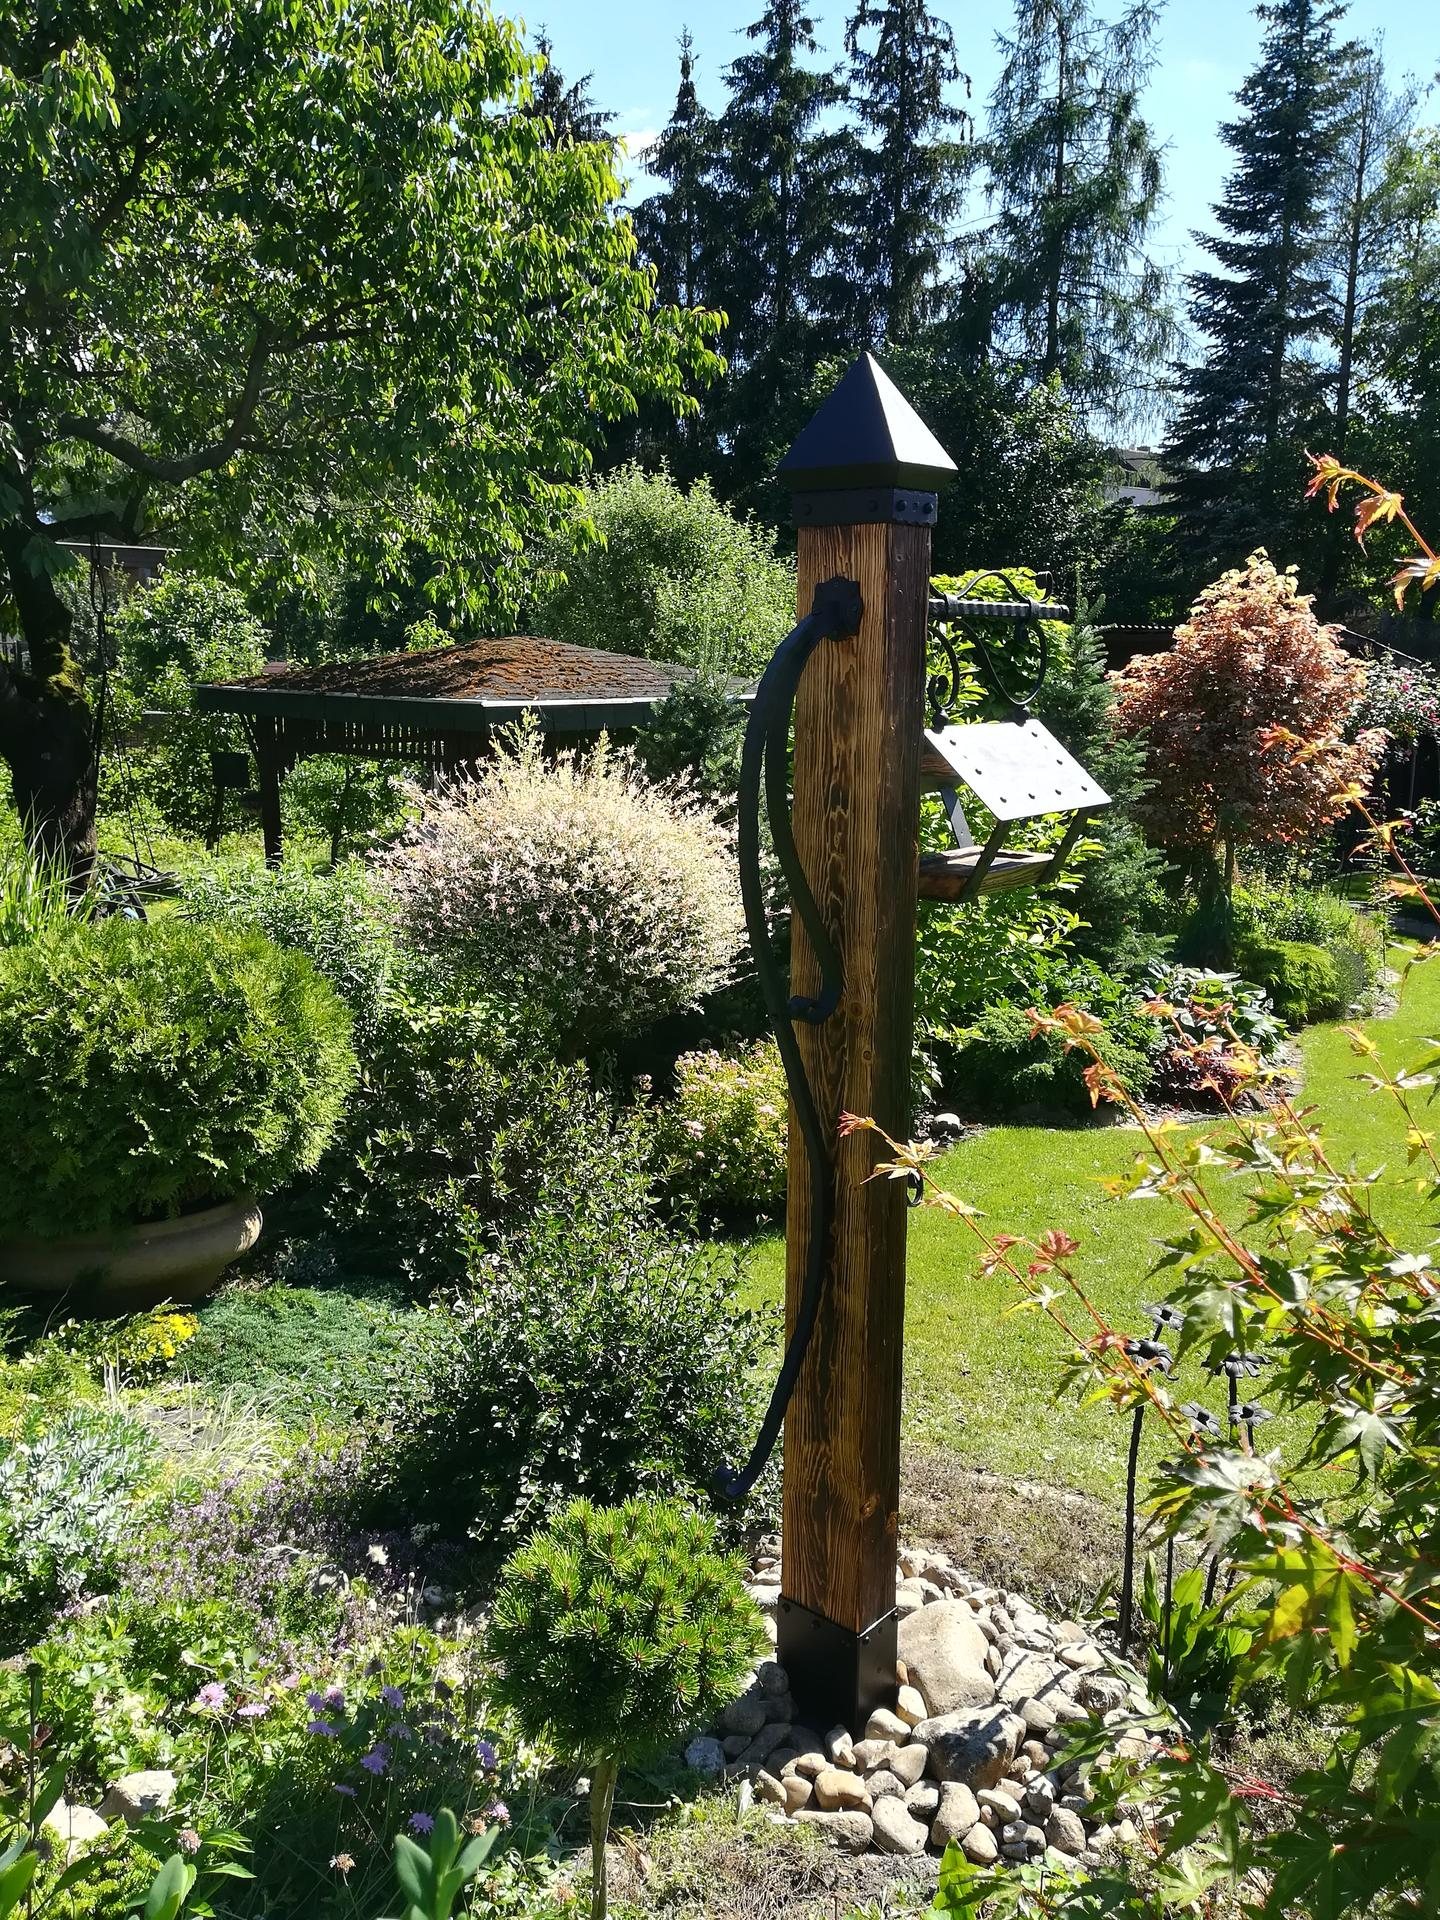 Pozdrav zo záhrady. - Obrázok č. 121